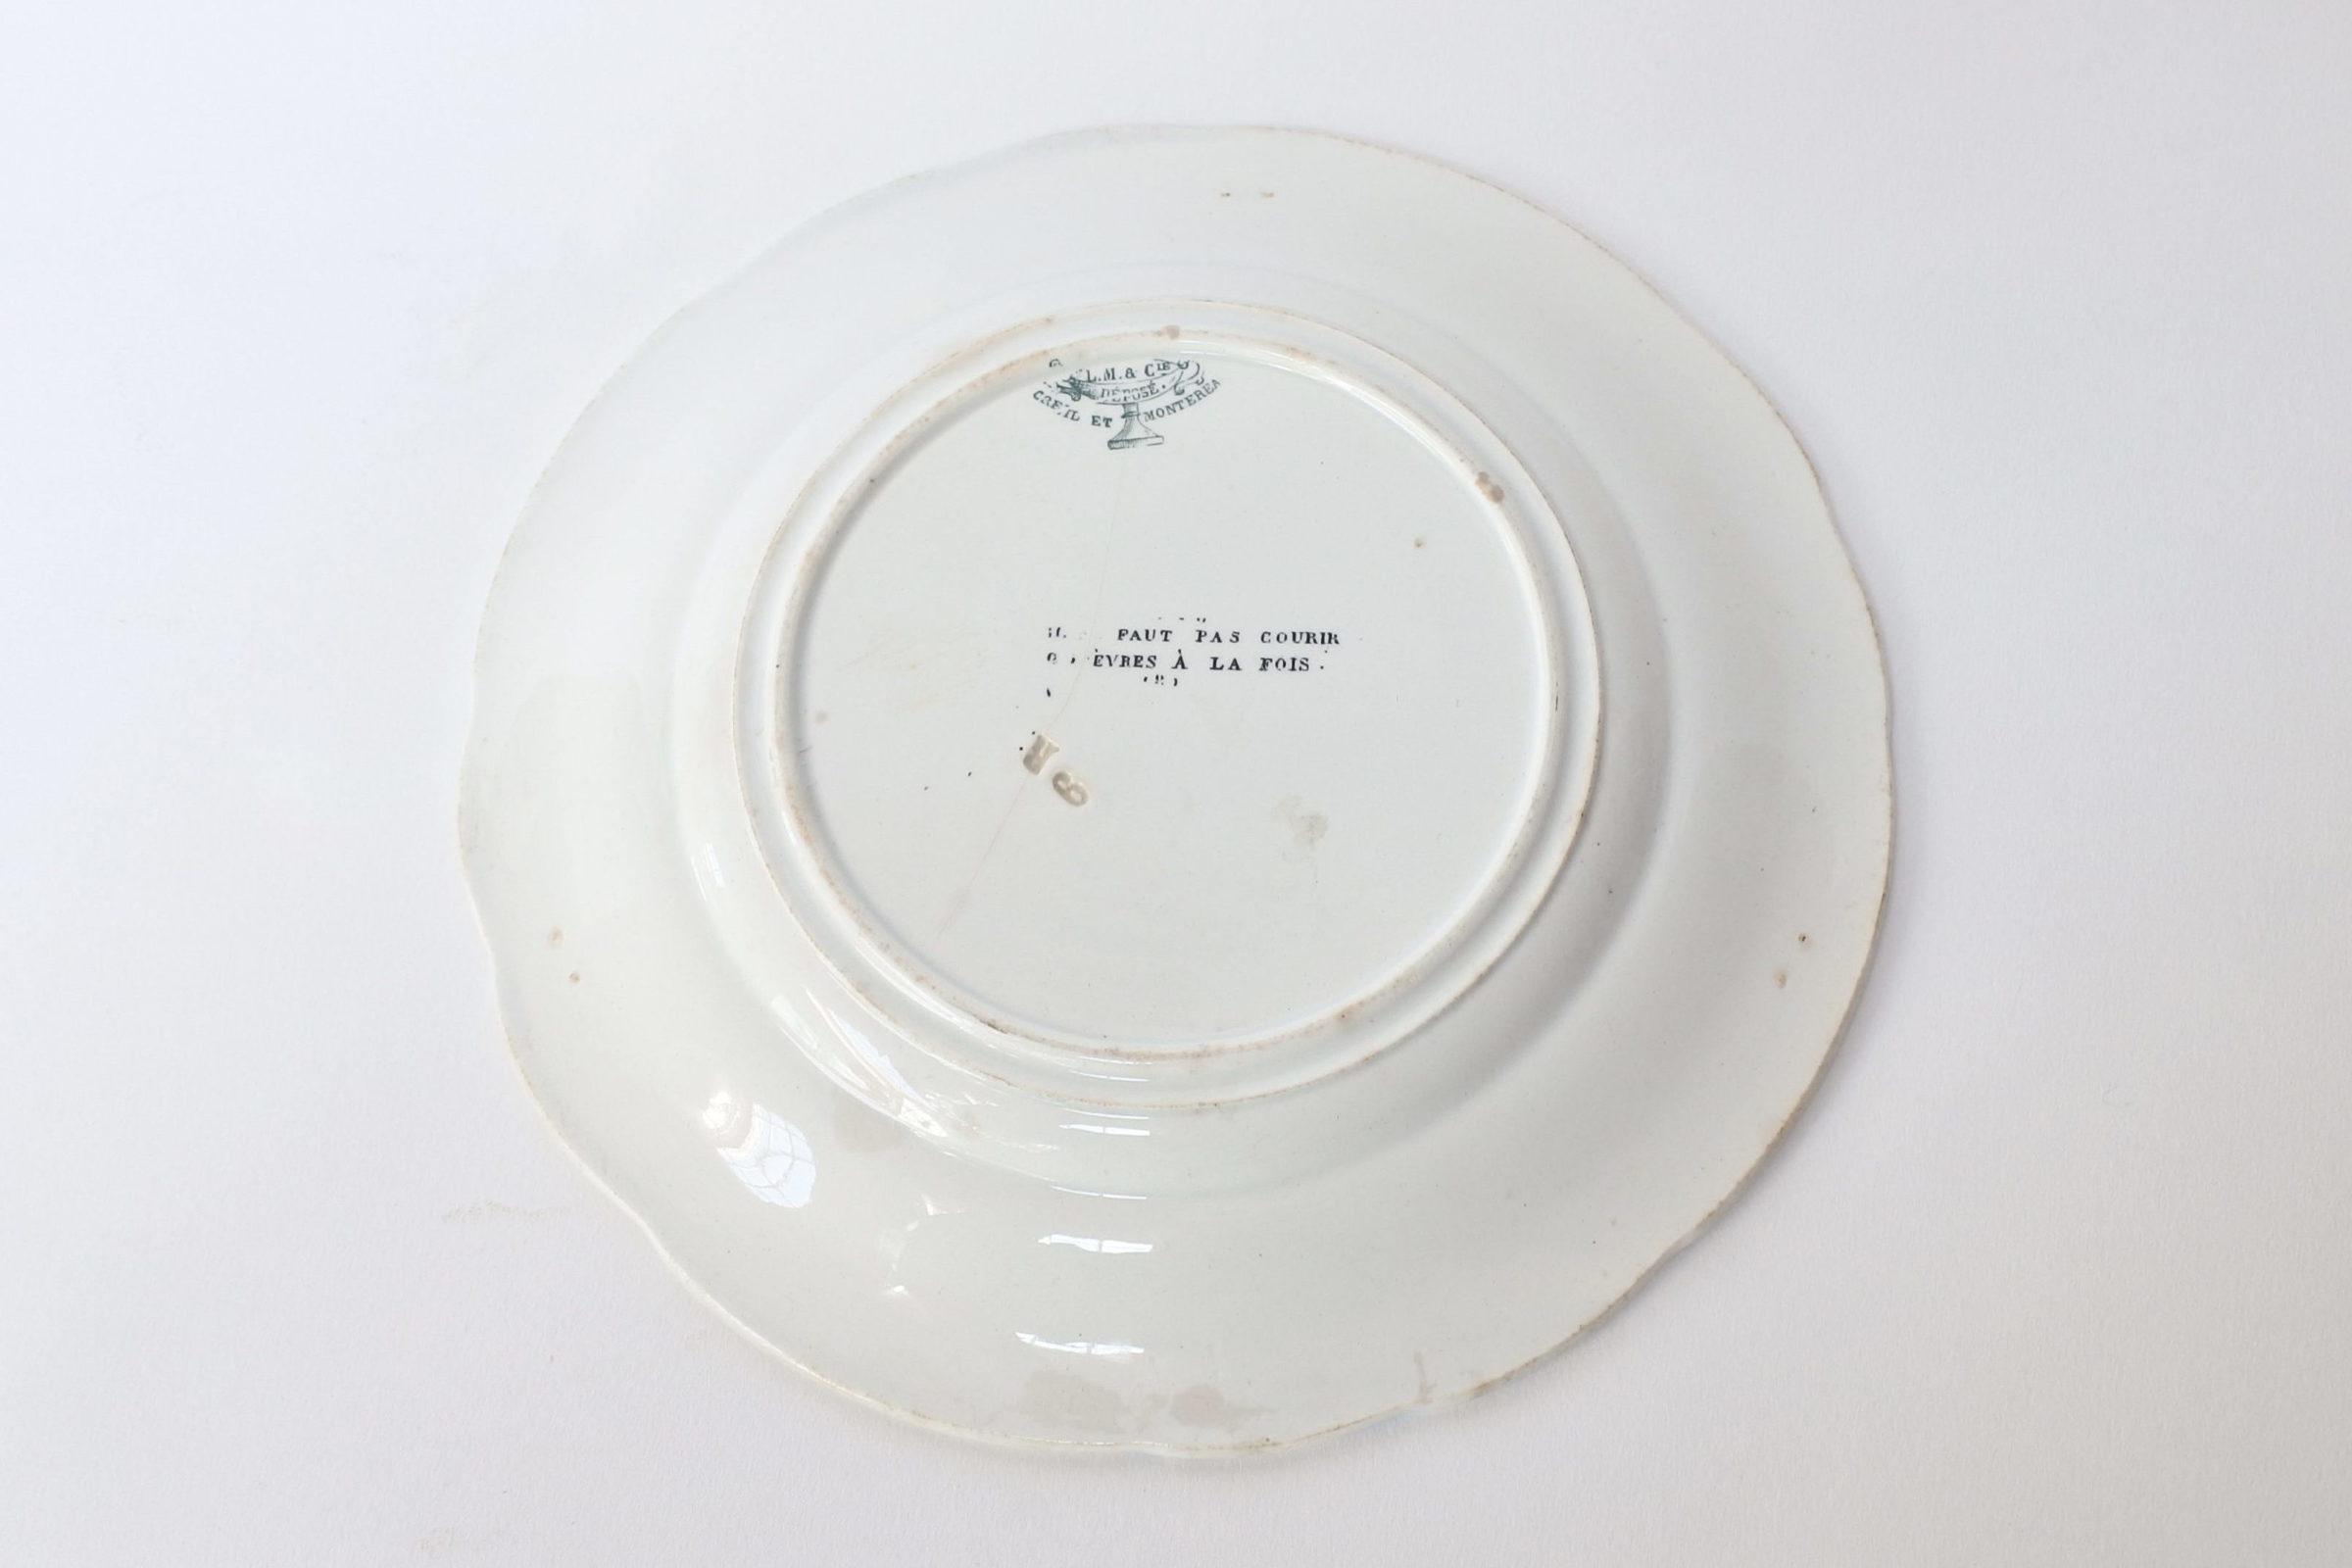 Piatto in ceramica con cornice blu decorato con rebus - decoro n° 8 - 2